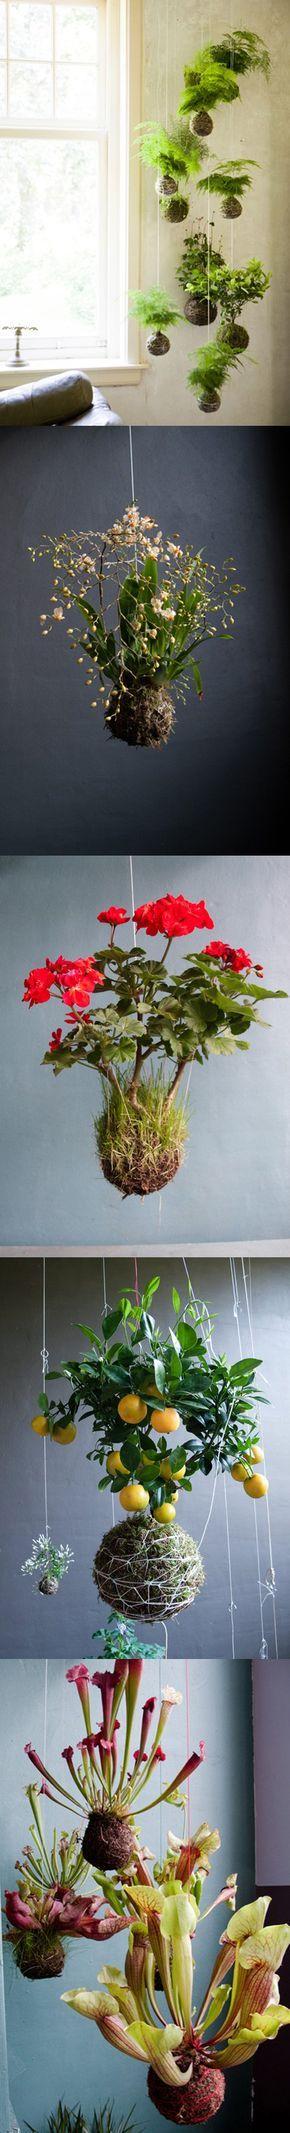 Wooaaahh!! Hängende Pflanzen ohne Topf! Sieht Hobbit-mäßig gemütlich aus! Wir wissen allerdings nicht, ob das nur in heißen Ländern mit hoher Luftfeuchtigkeit funktioniert...?